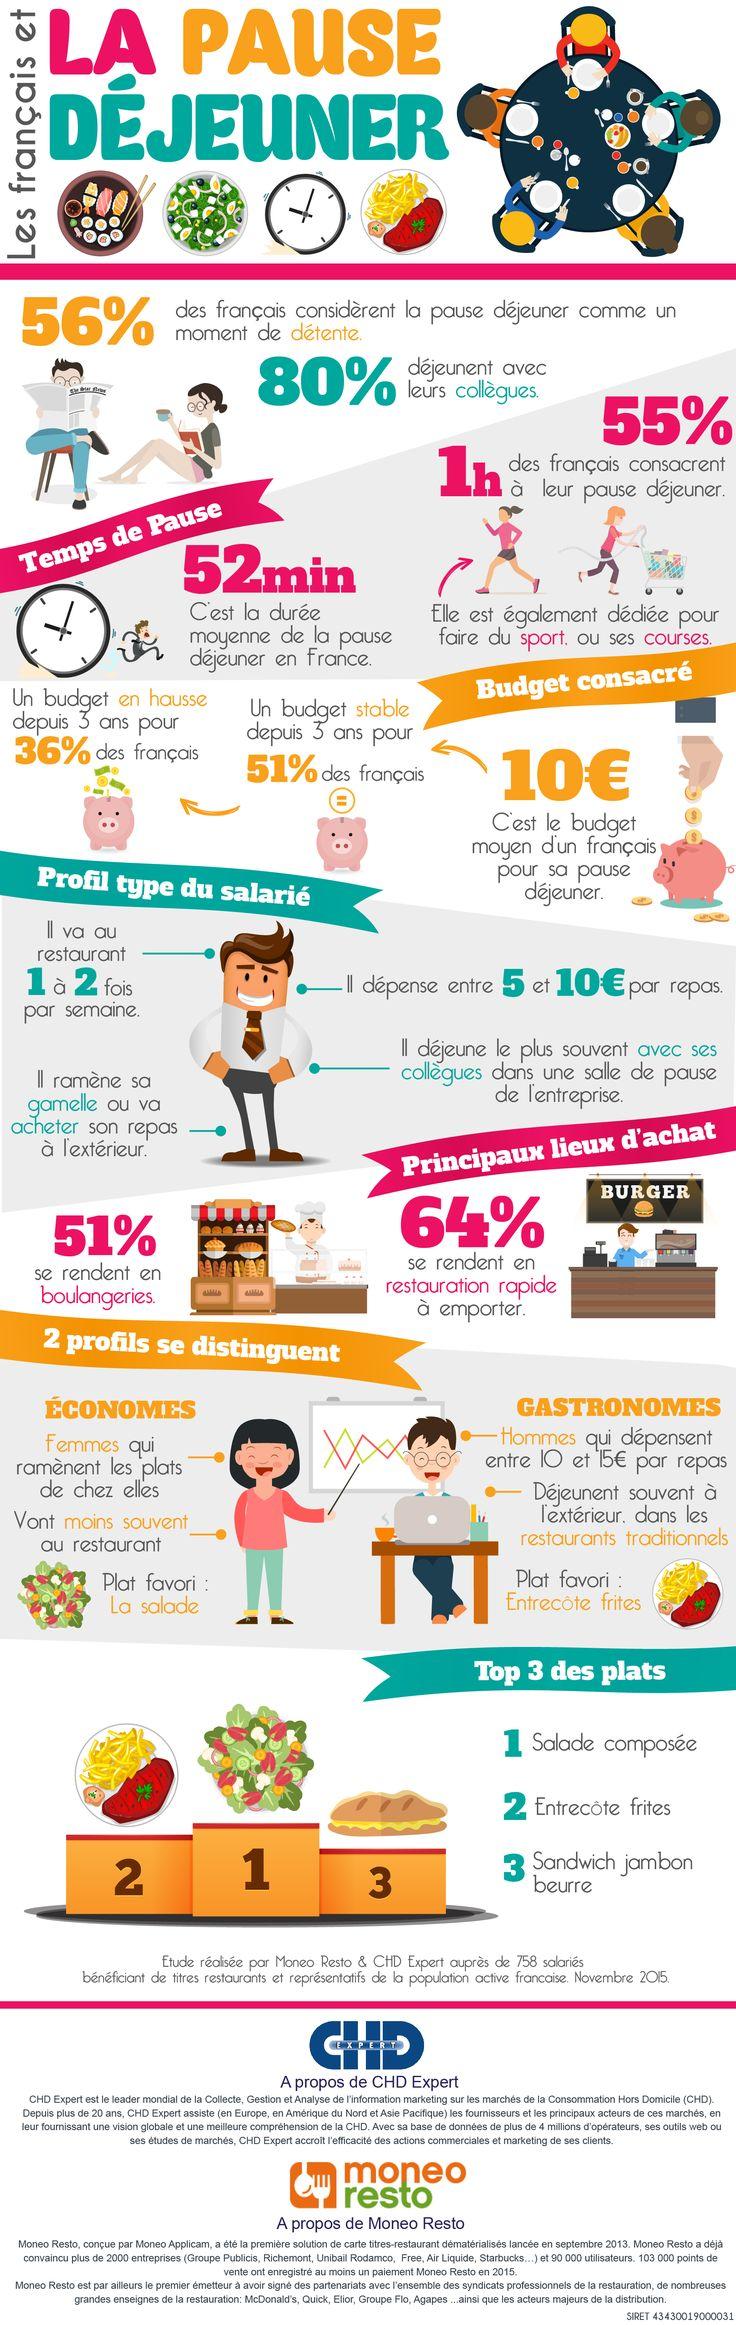 Infographie Les francais et la pause dejeuner CHD Expert